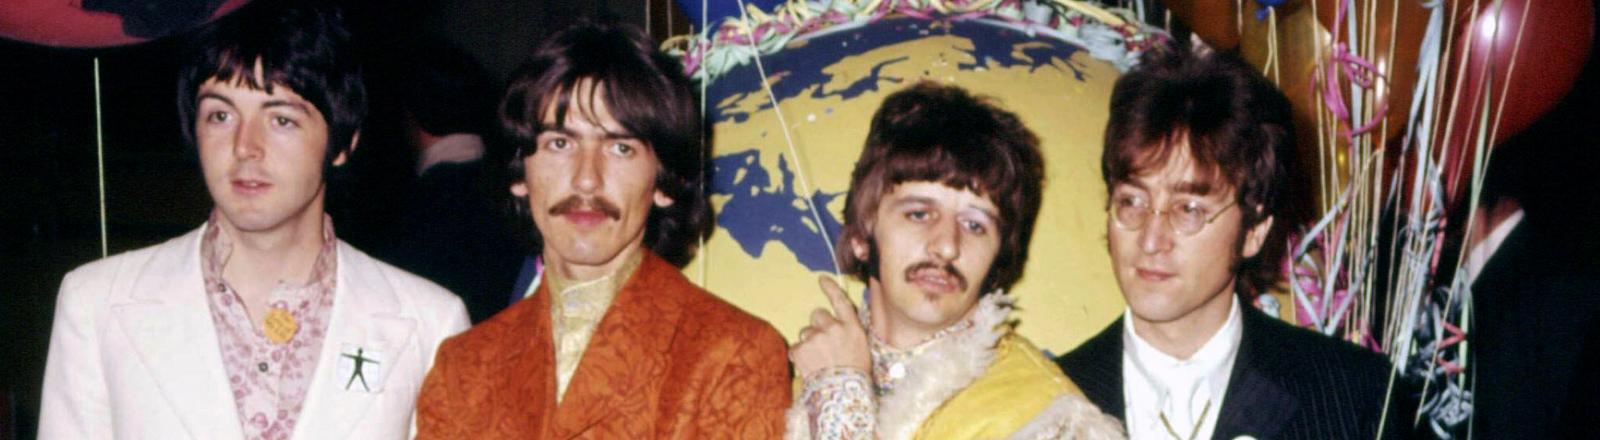 """Die Beatles spielten am 25. Juni 1967 live den Song """"All You Need Is Love"""" für die erste von der BBC weltweit ausgestrahlte Fernsehsendung """"Our World"""" aus."""